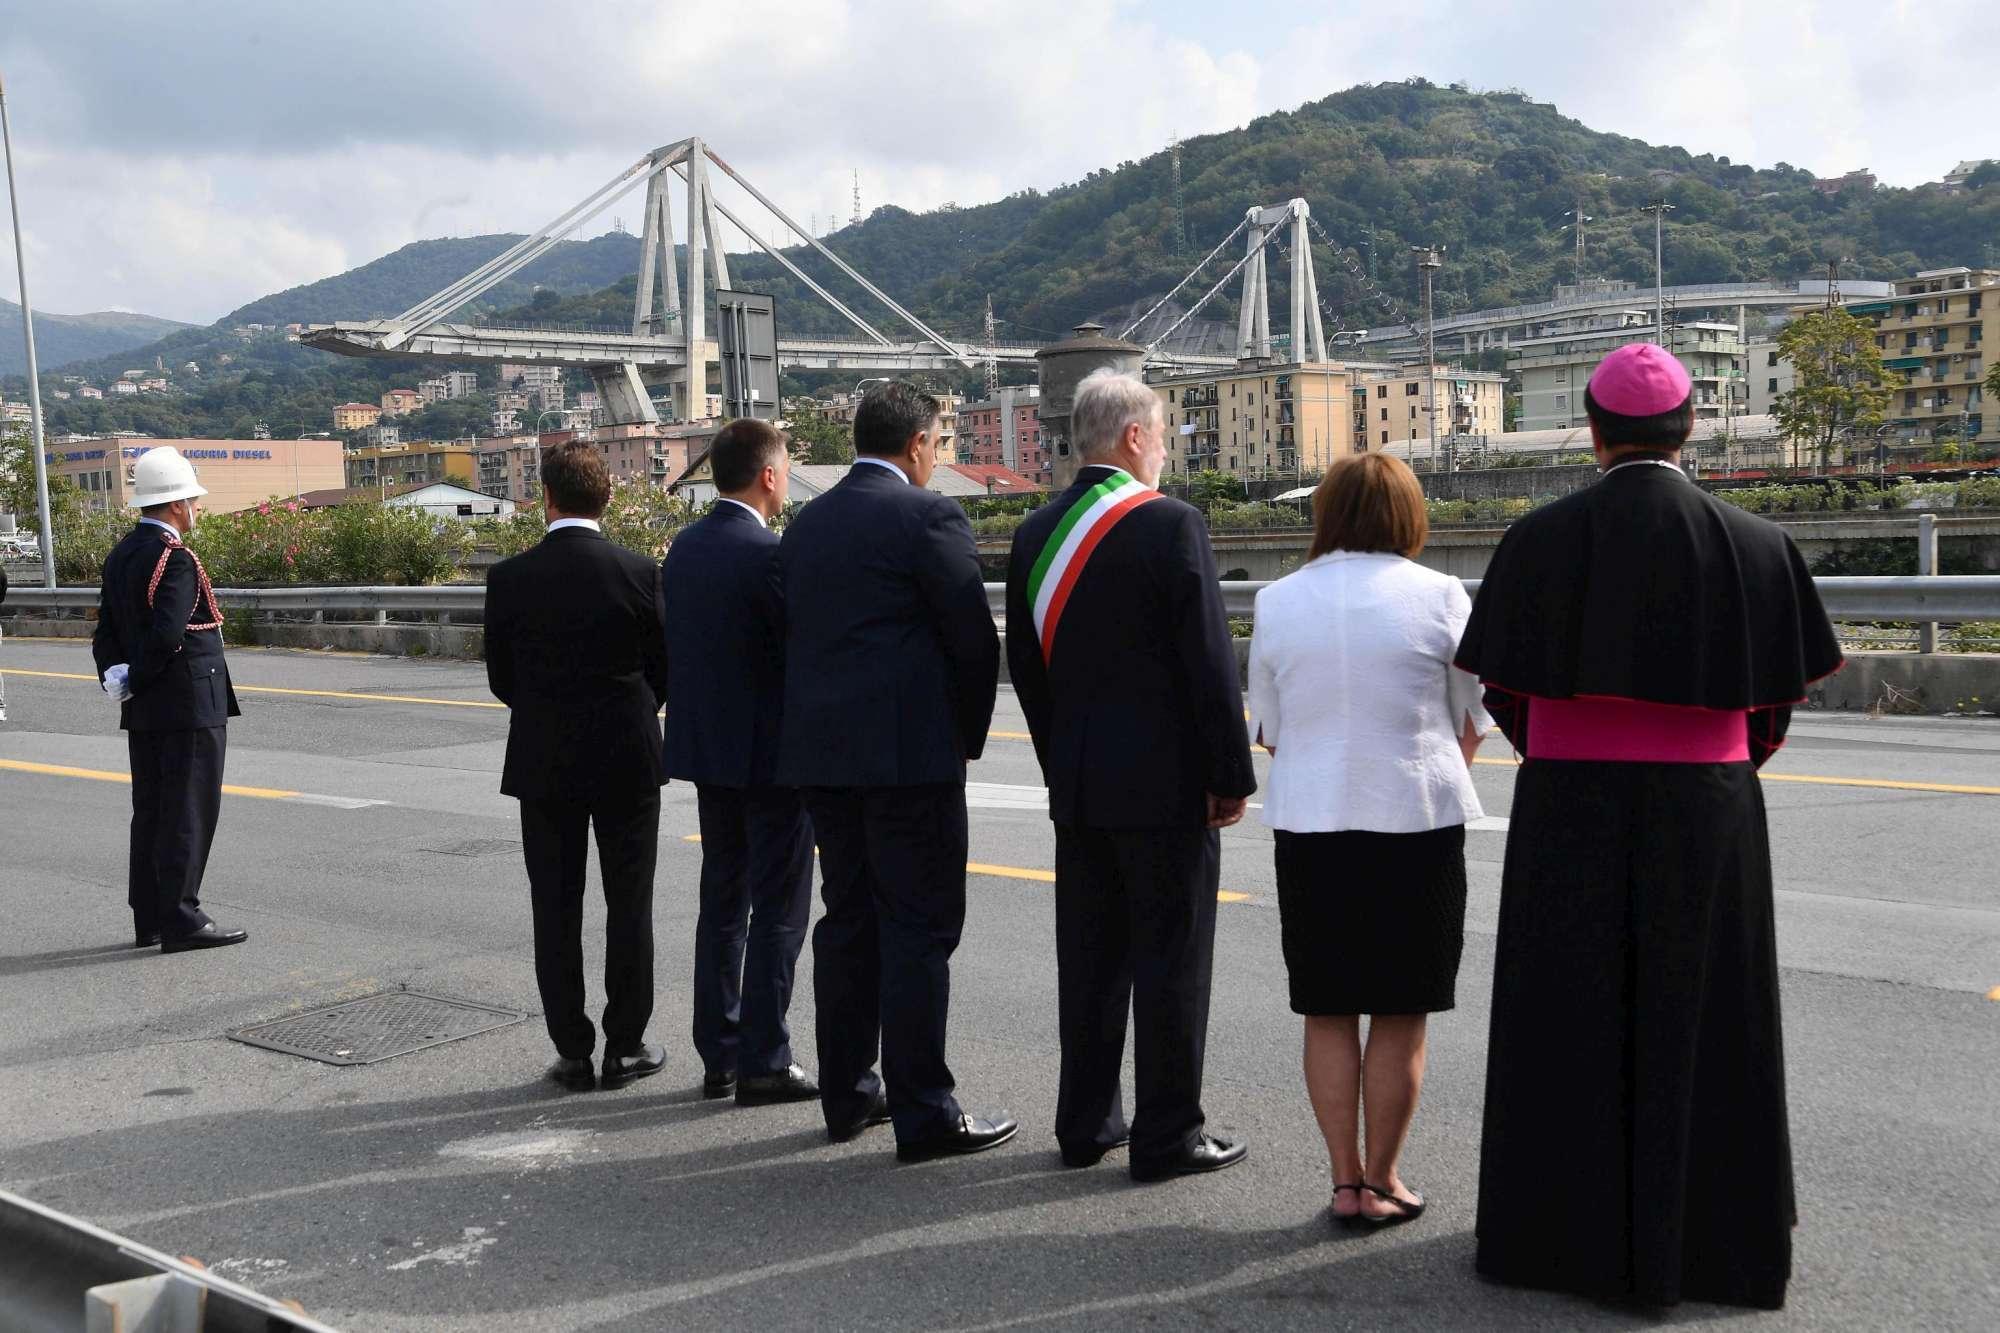 Un mese dal crollo del ponte, Genova si ferma e ricorda le 43 vittime